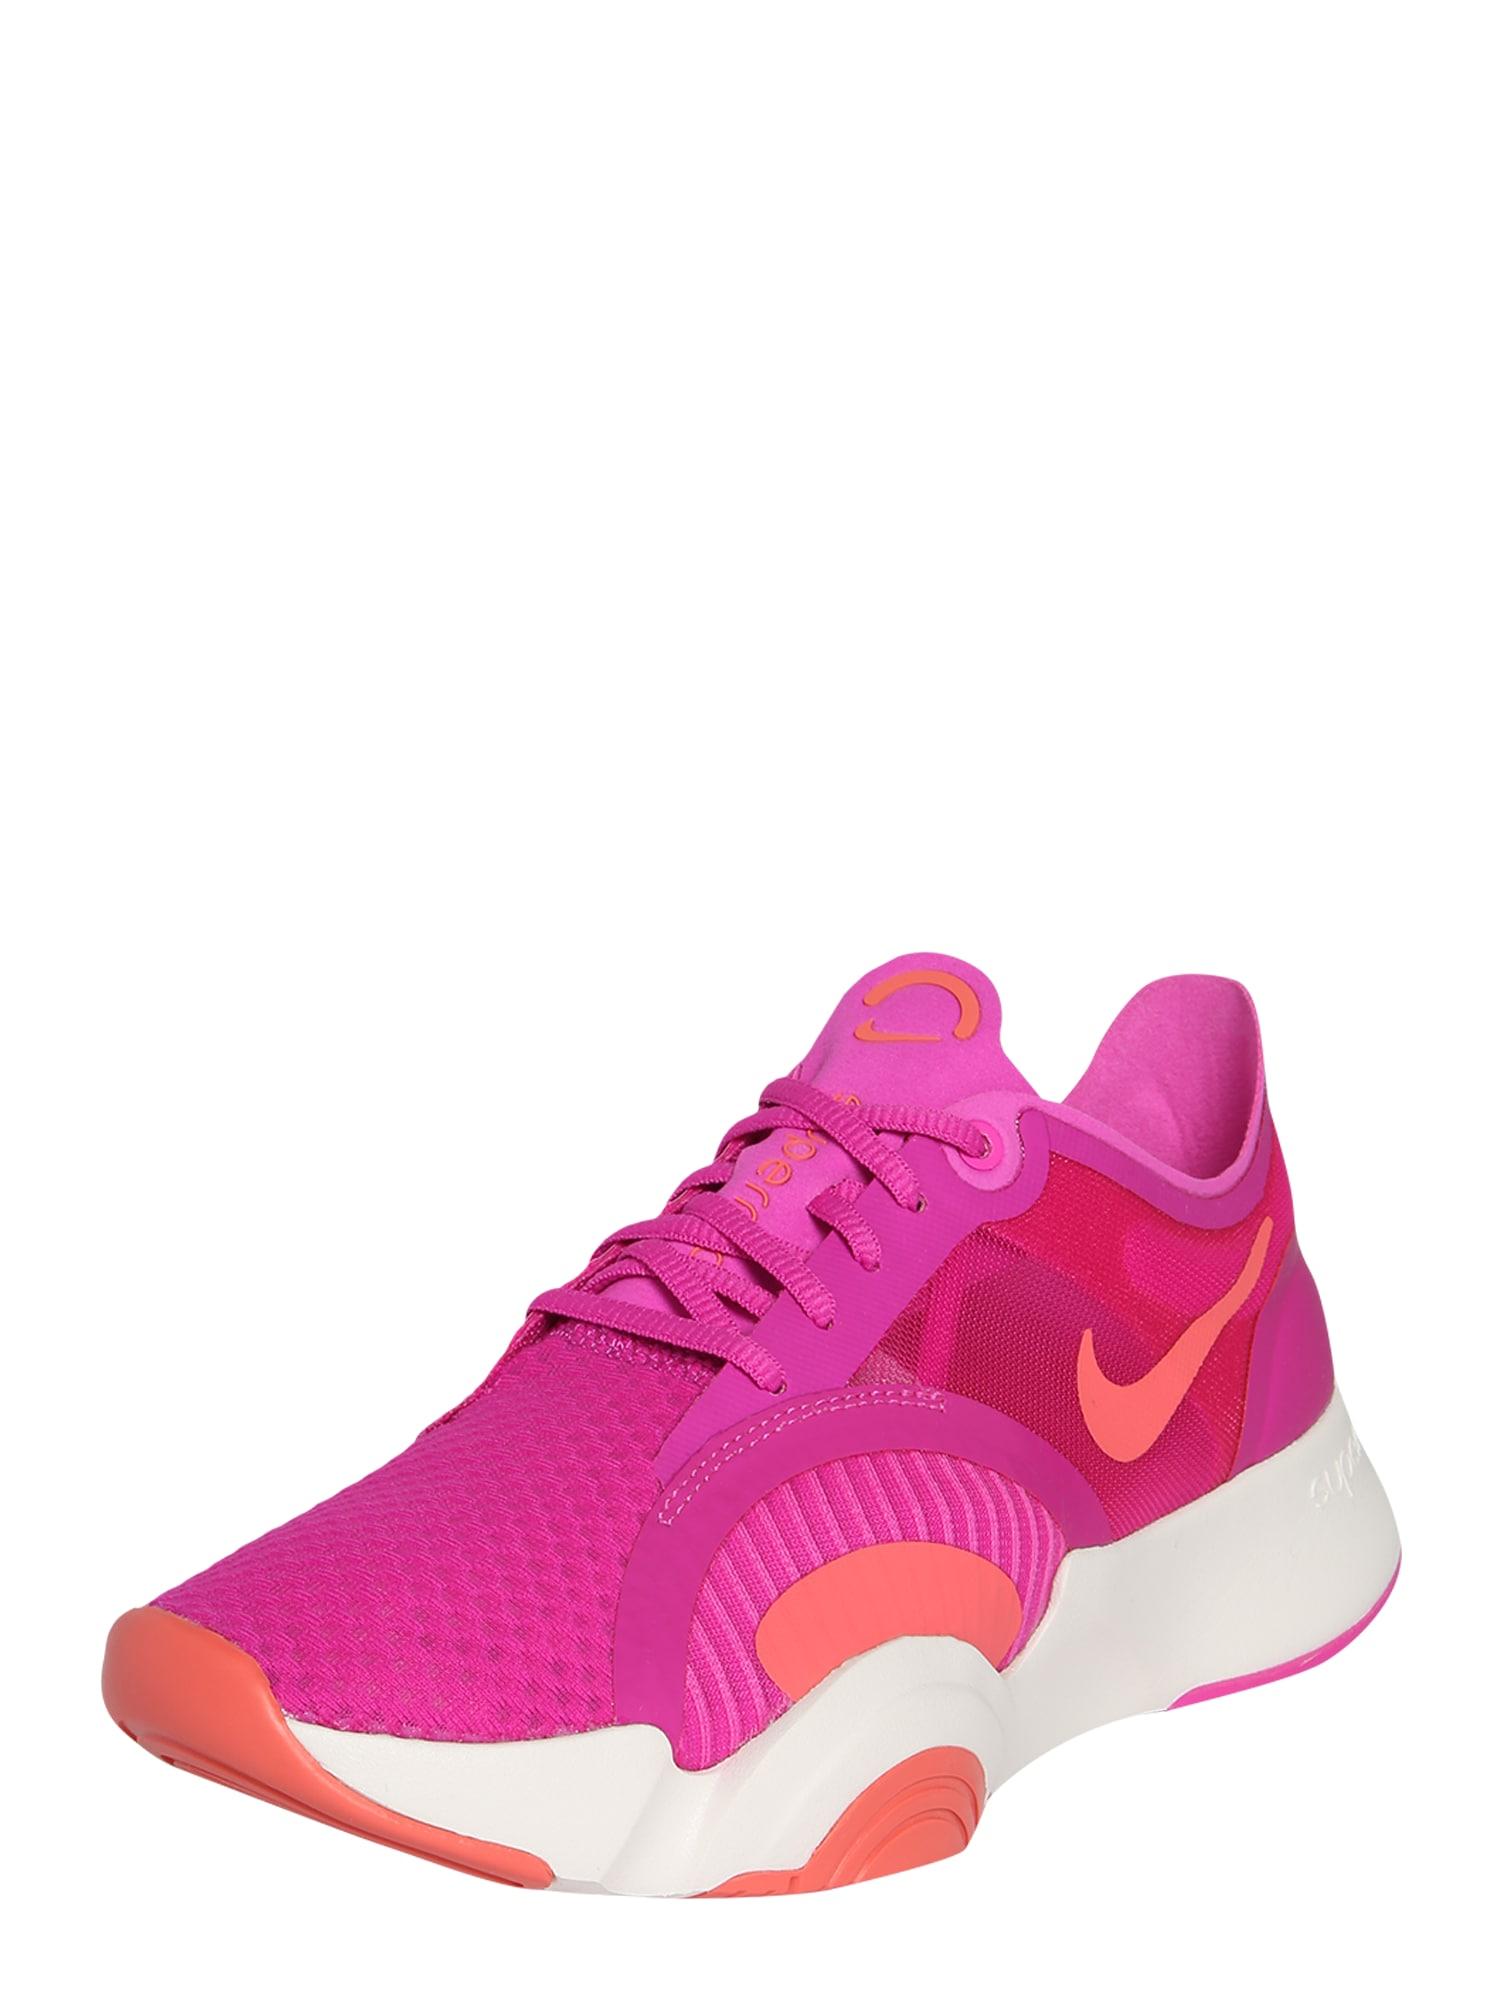 NIKE Sportiniai batai 'SuperRep Go' oranžinė / rožinė